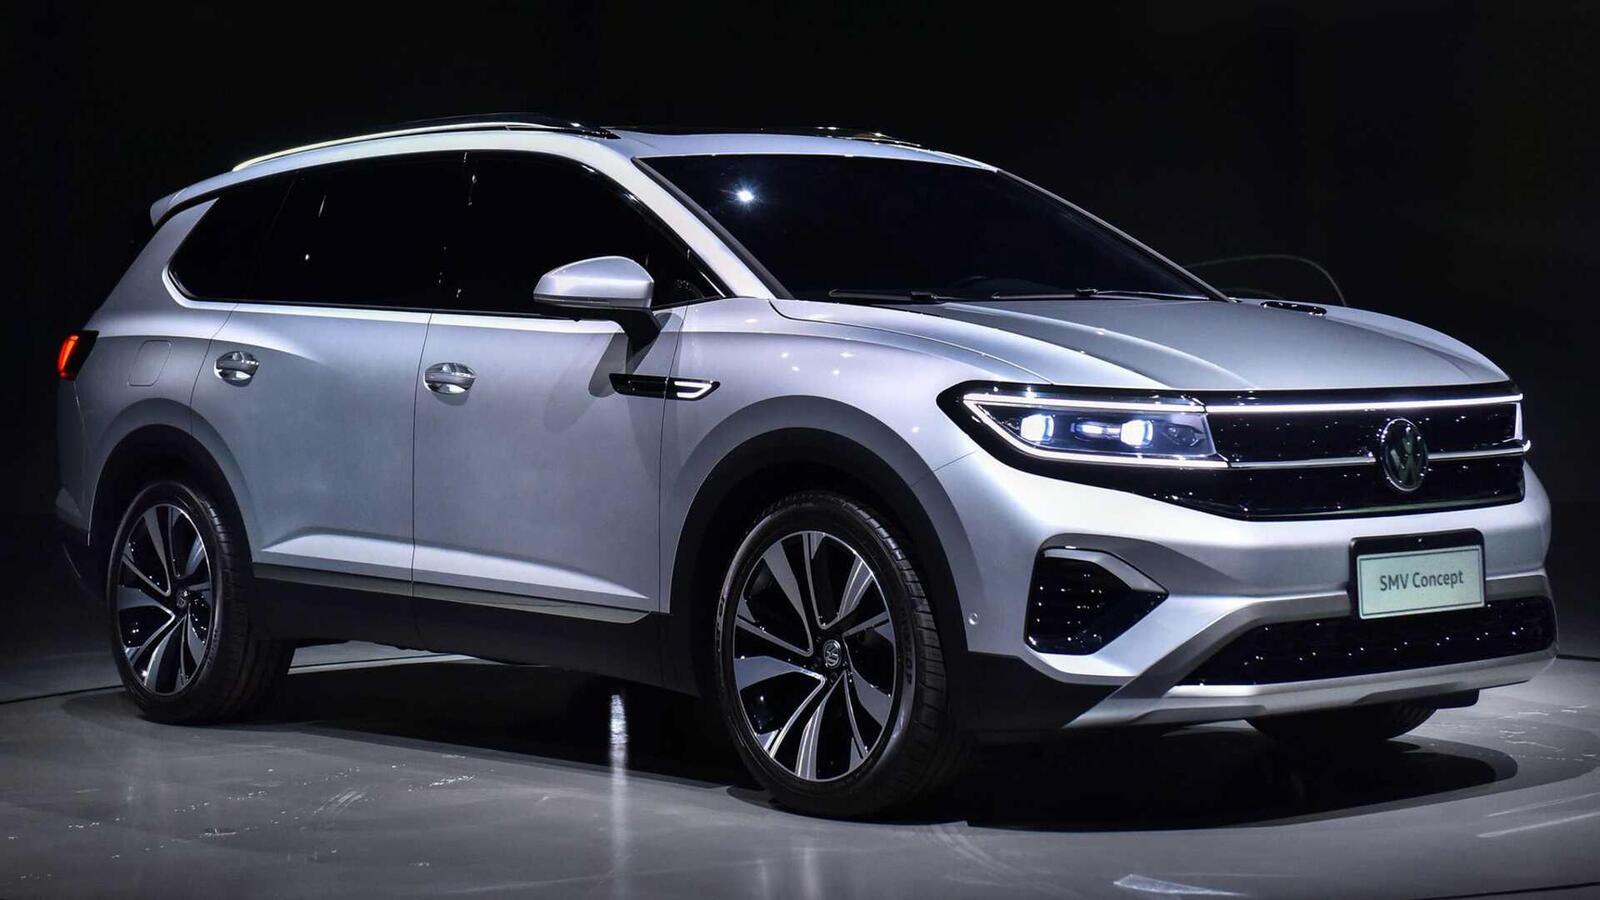 Volkswagen giới thiệu SUV SMV Concept hoàn toàn mới: Dài hơn 5m và lớn hơn cả Touareg - Hình 2